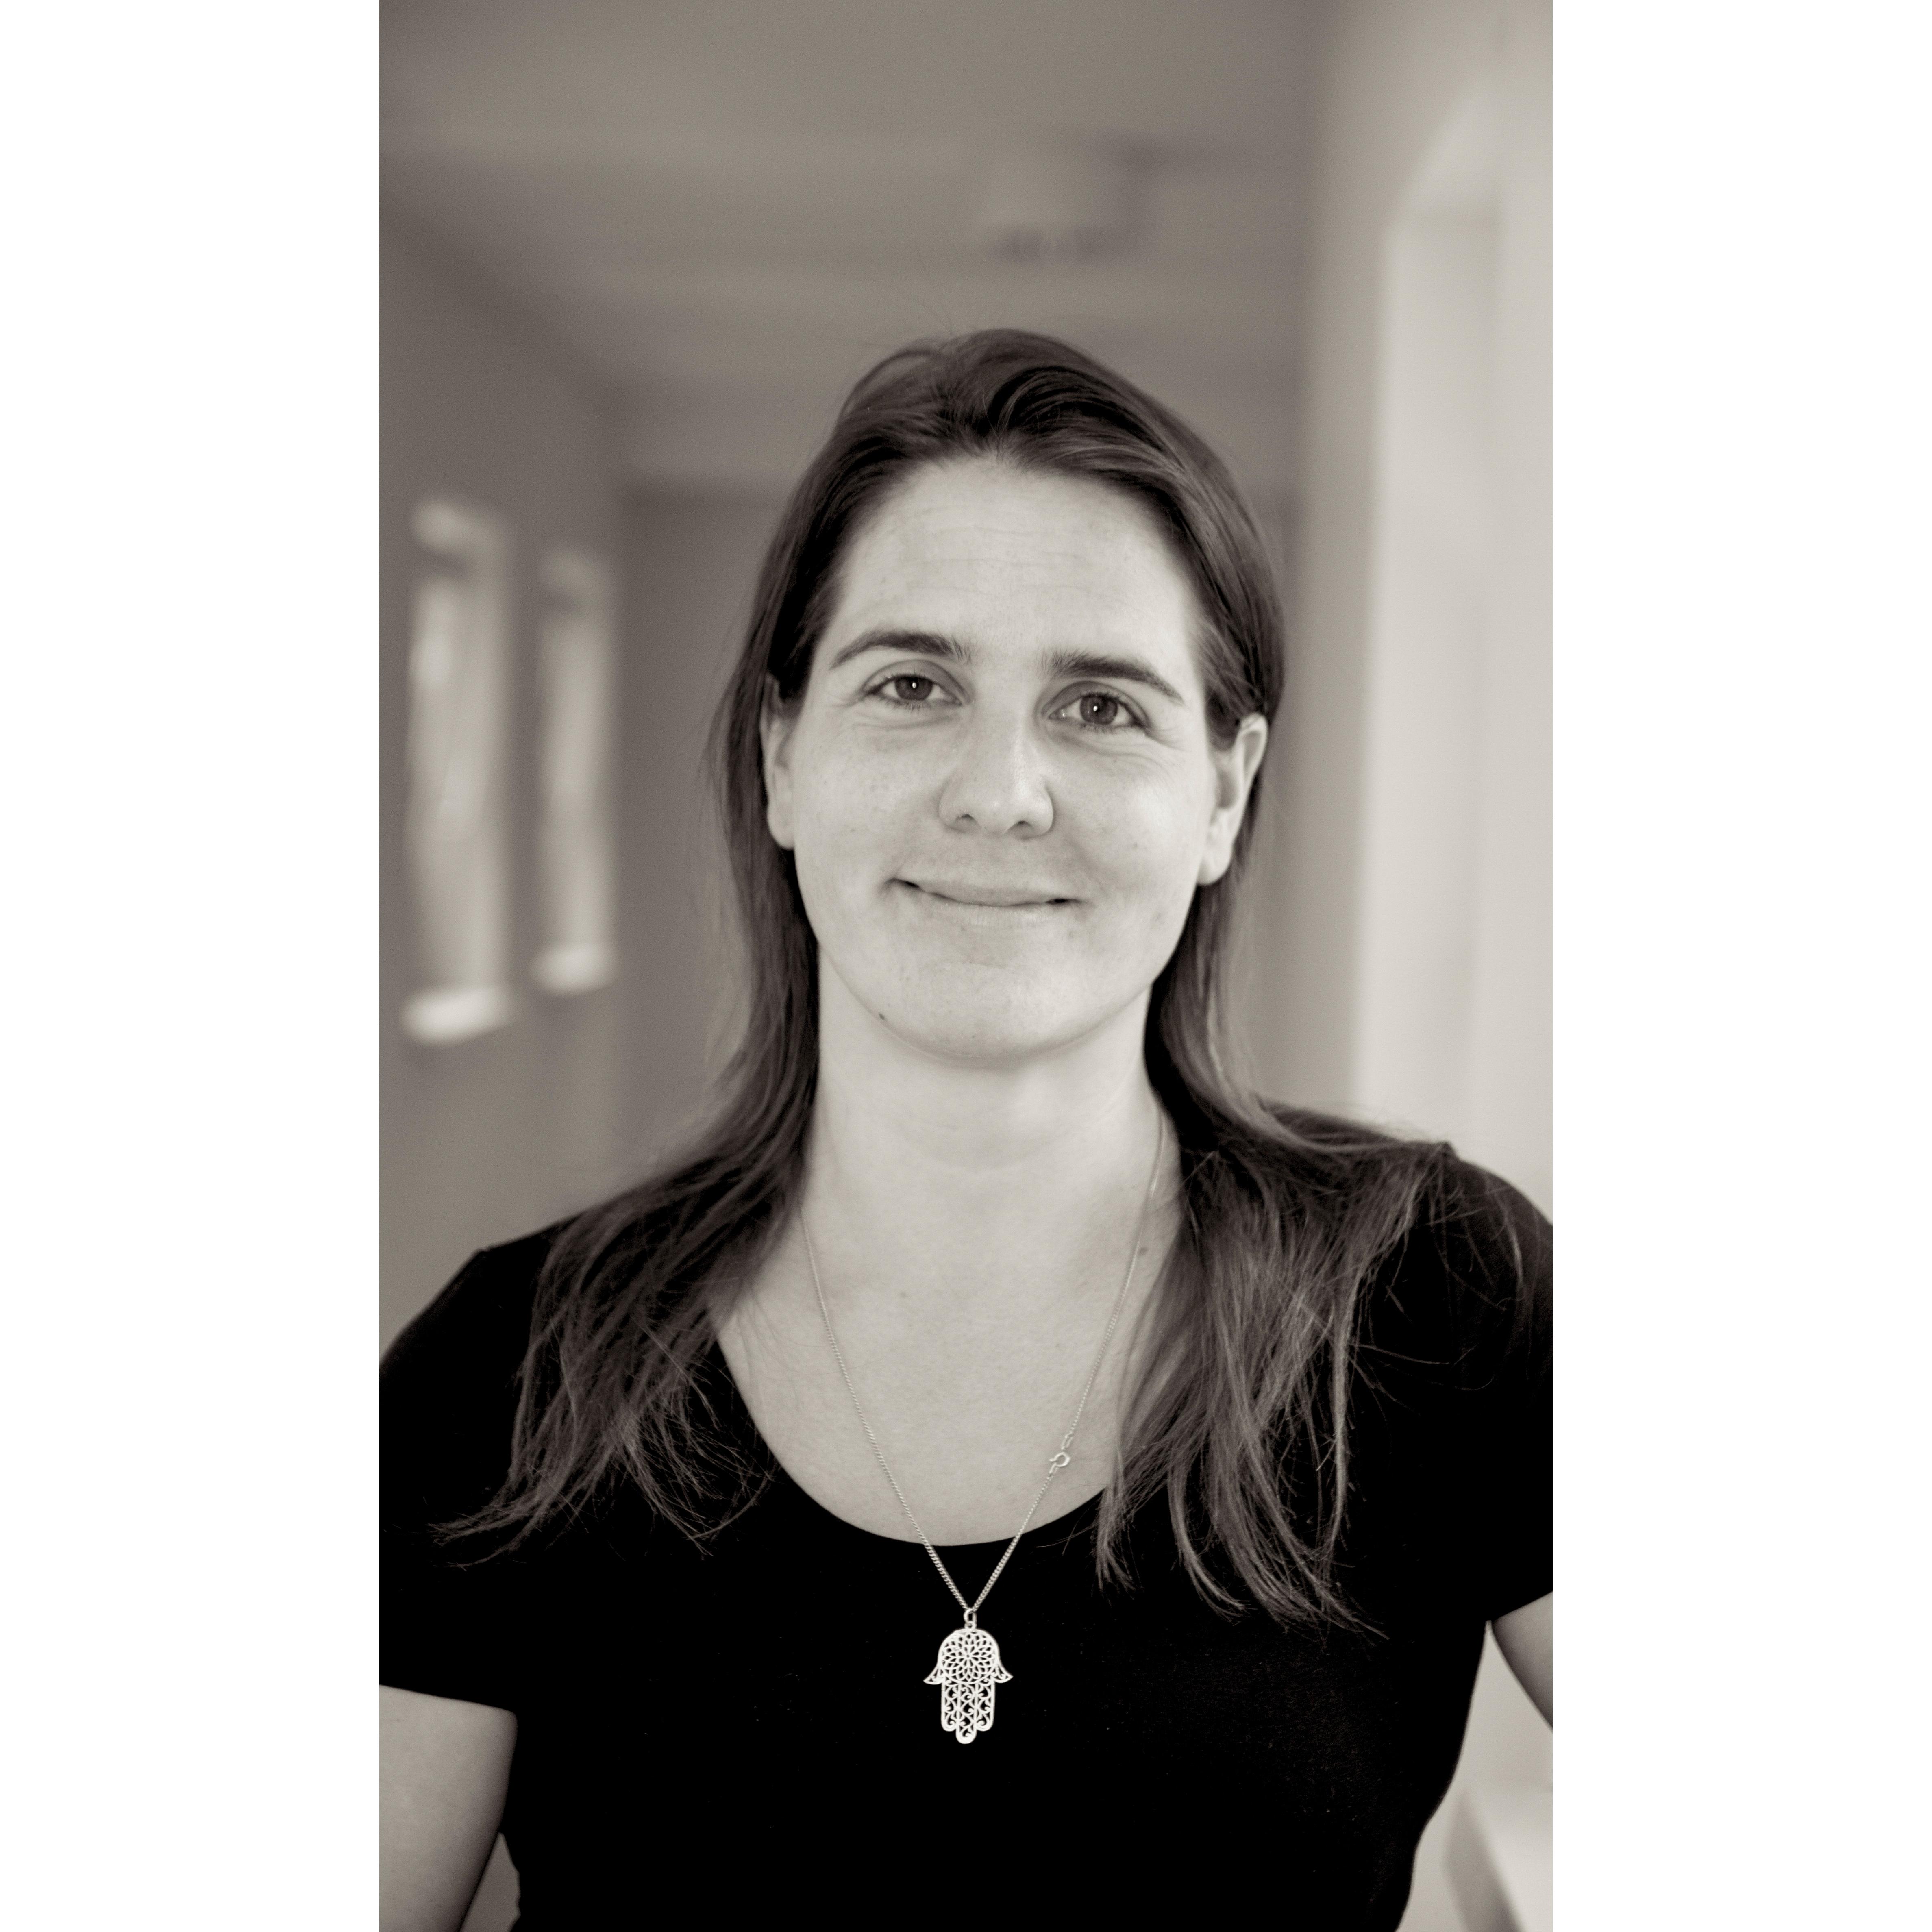 Dr. Sandra Schön, Foto von Werner Moser | Salzburg Research 2014 unter CC BY 3.0 DE